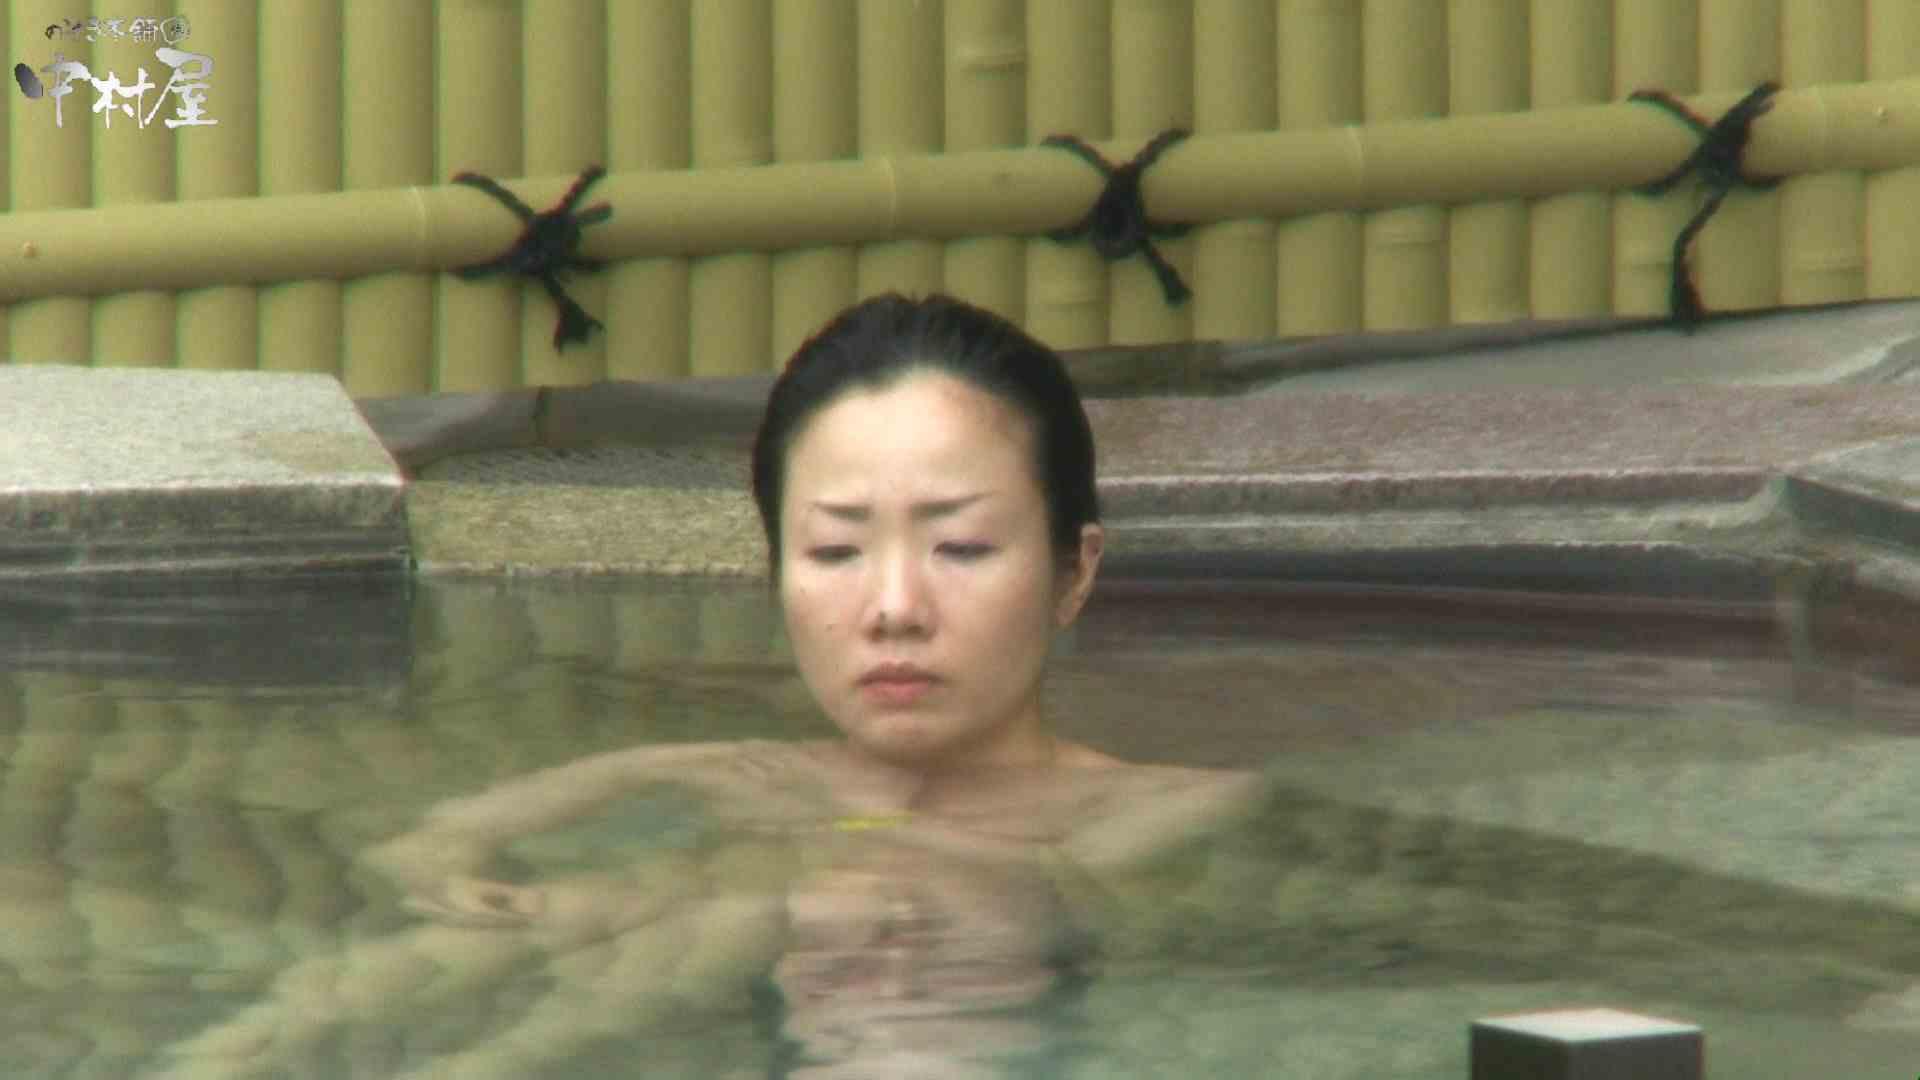 Aquaな露天風呂Vol.950 OLのエロ生活 覗きおまんこ画像 107連発 41